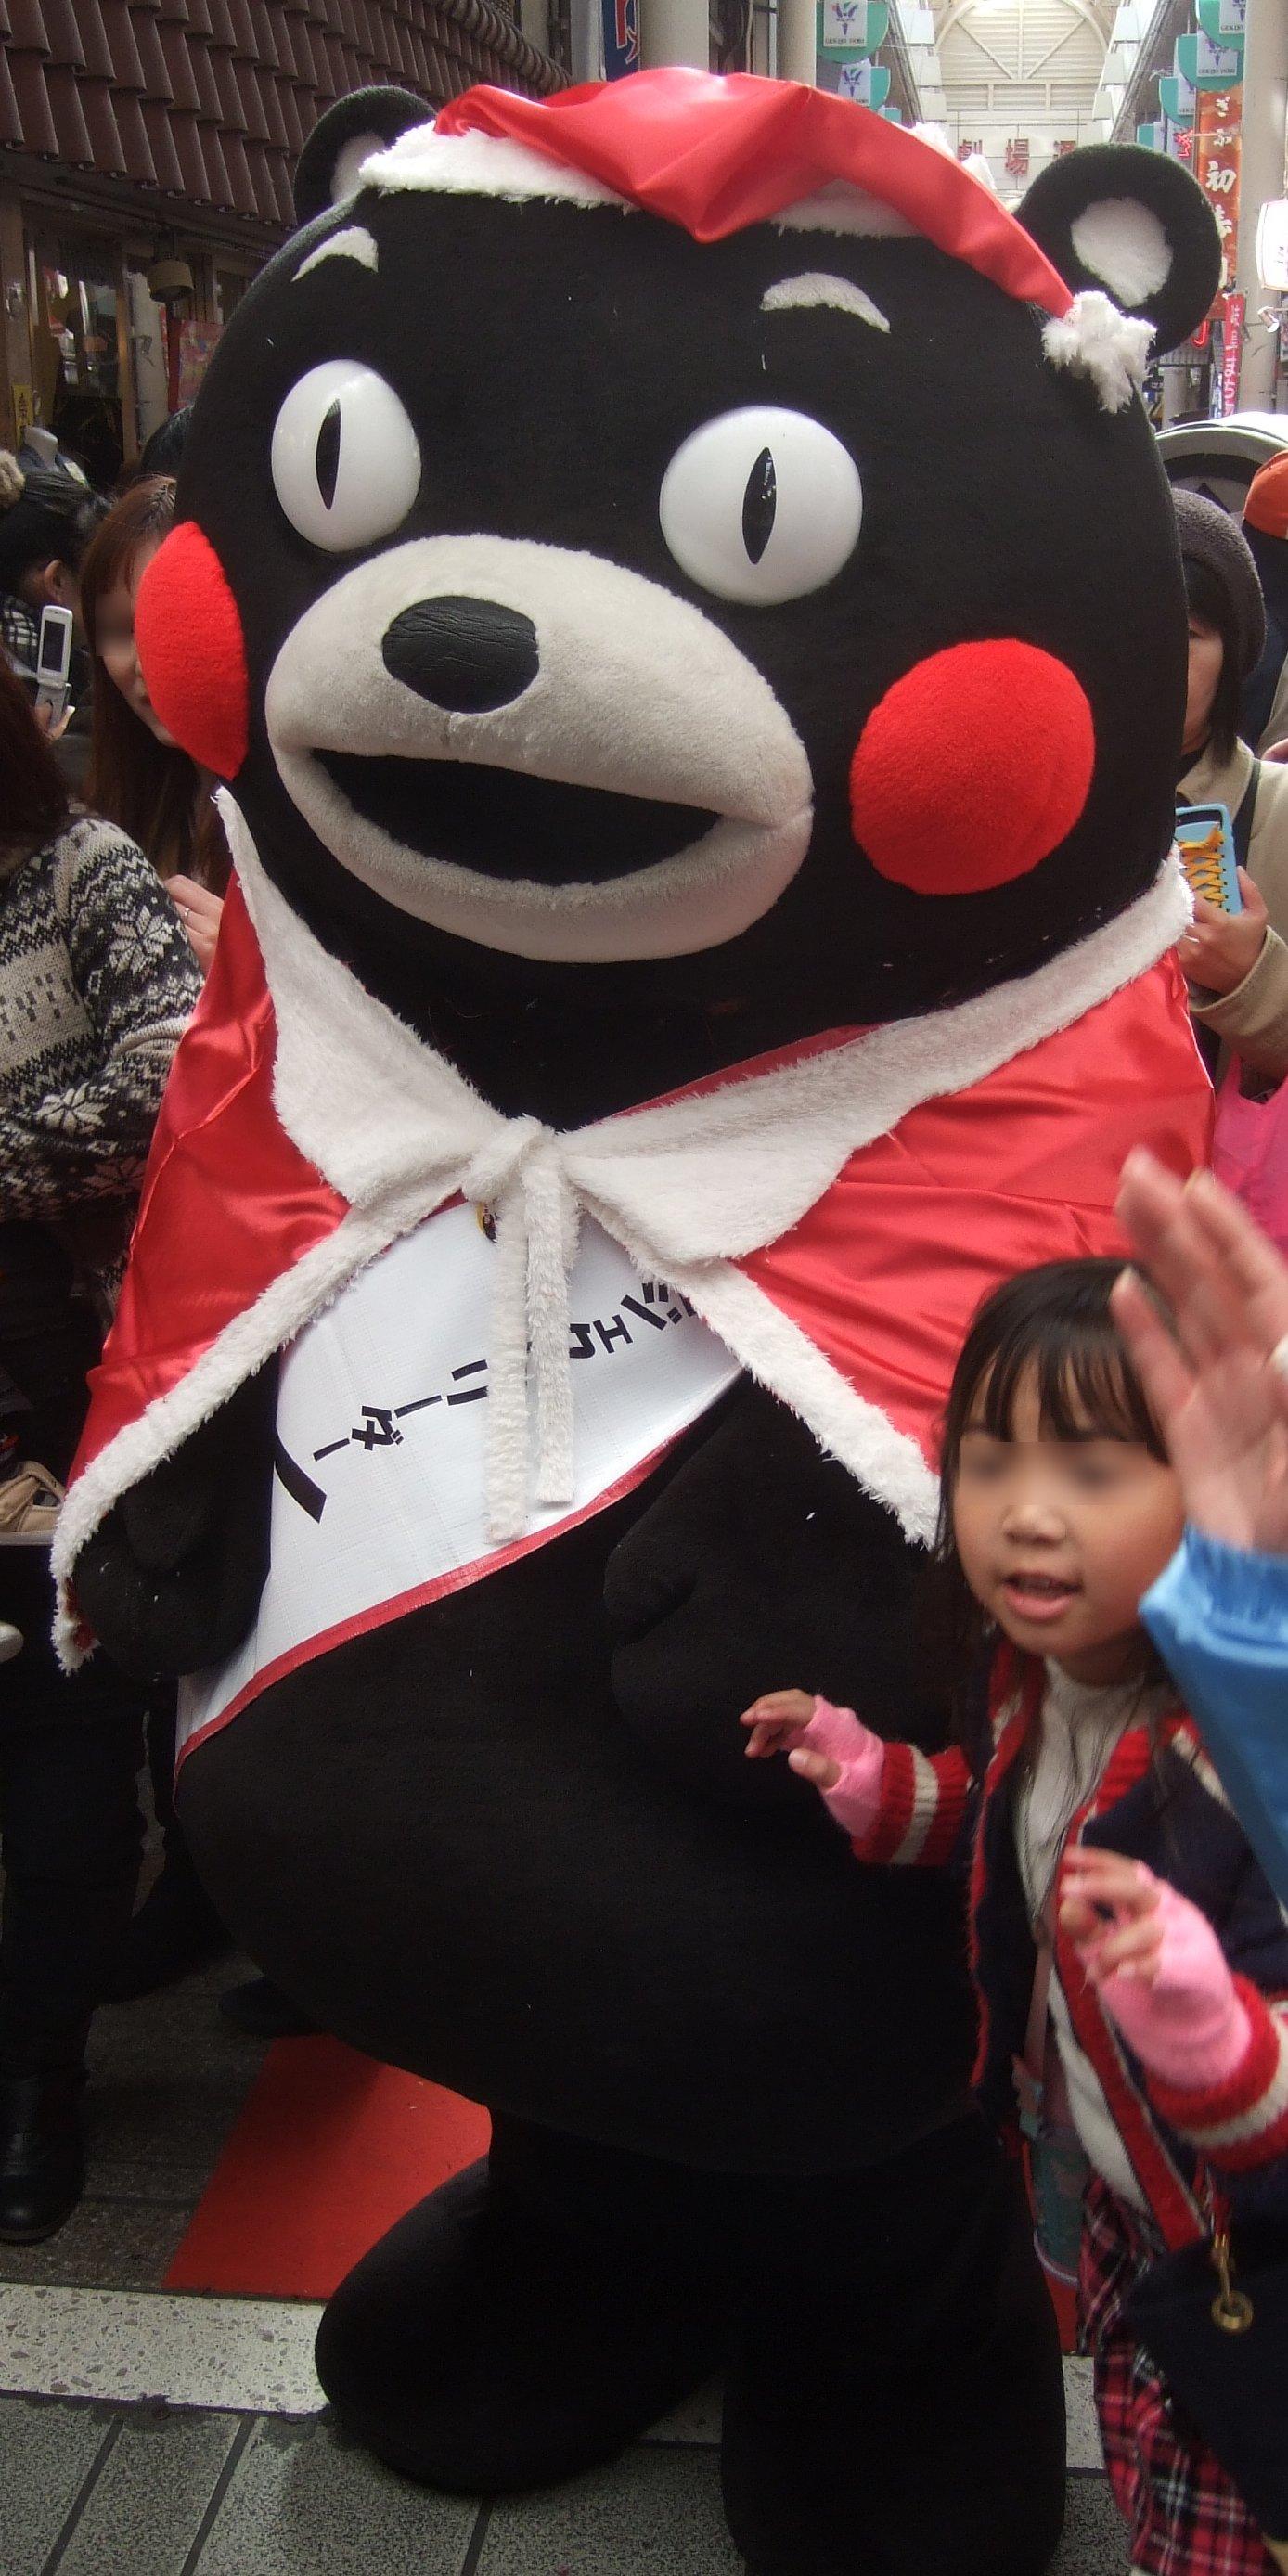 ゆるキャラグランプリ2011で優勝した熊本県のくまモン